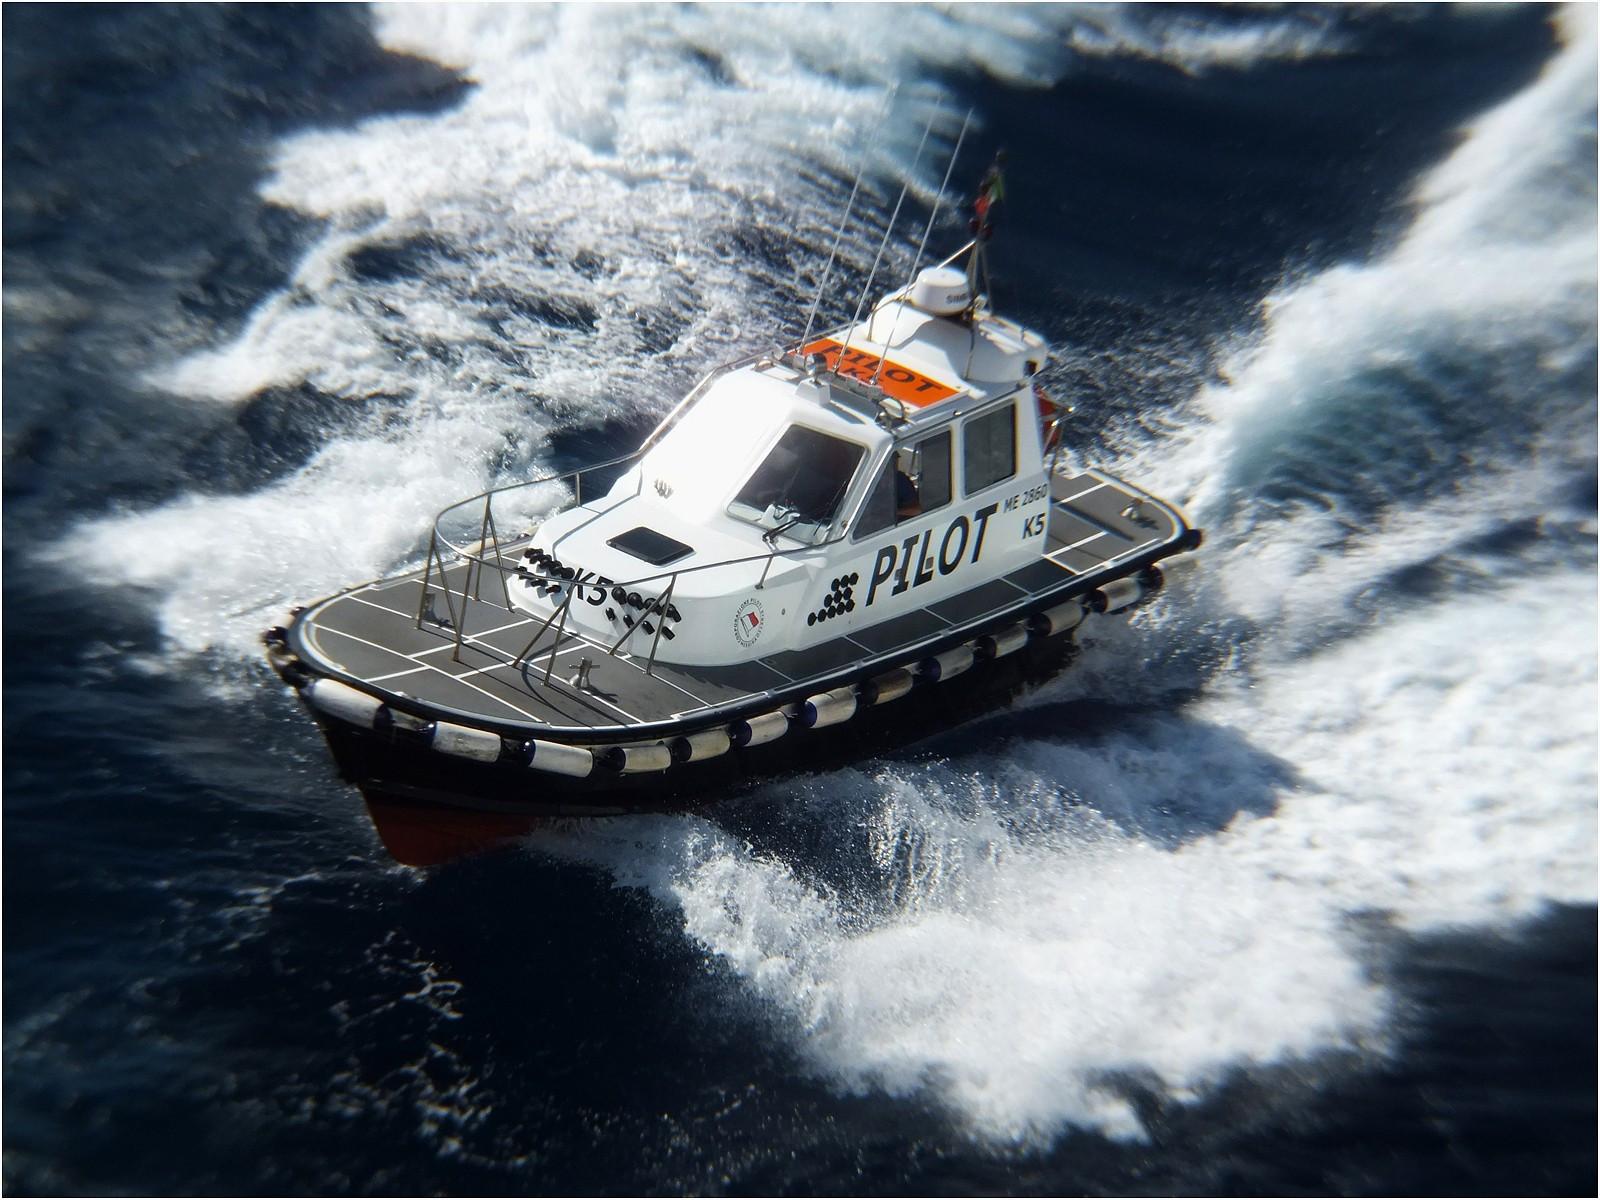 Pilot boat K5